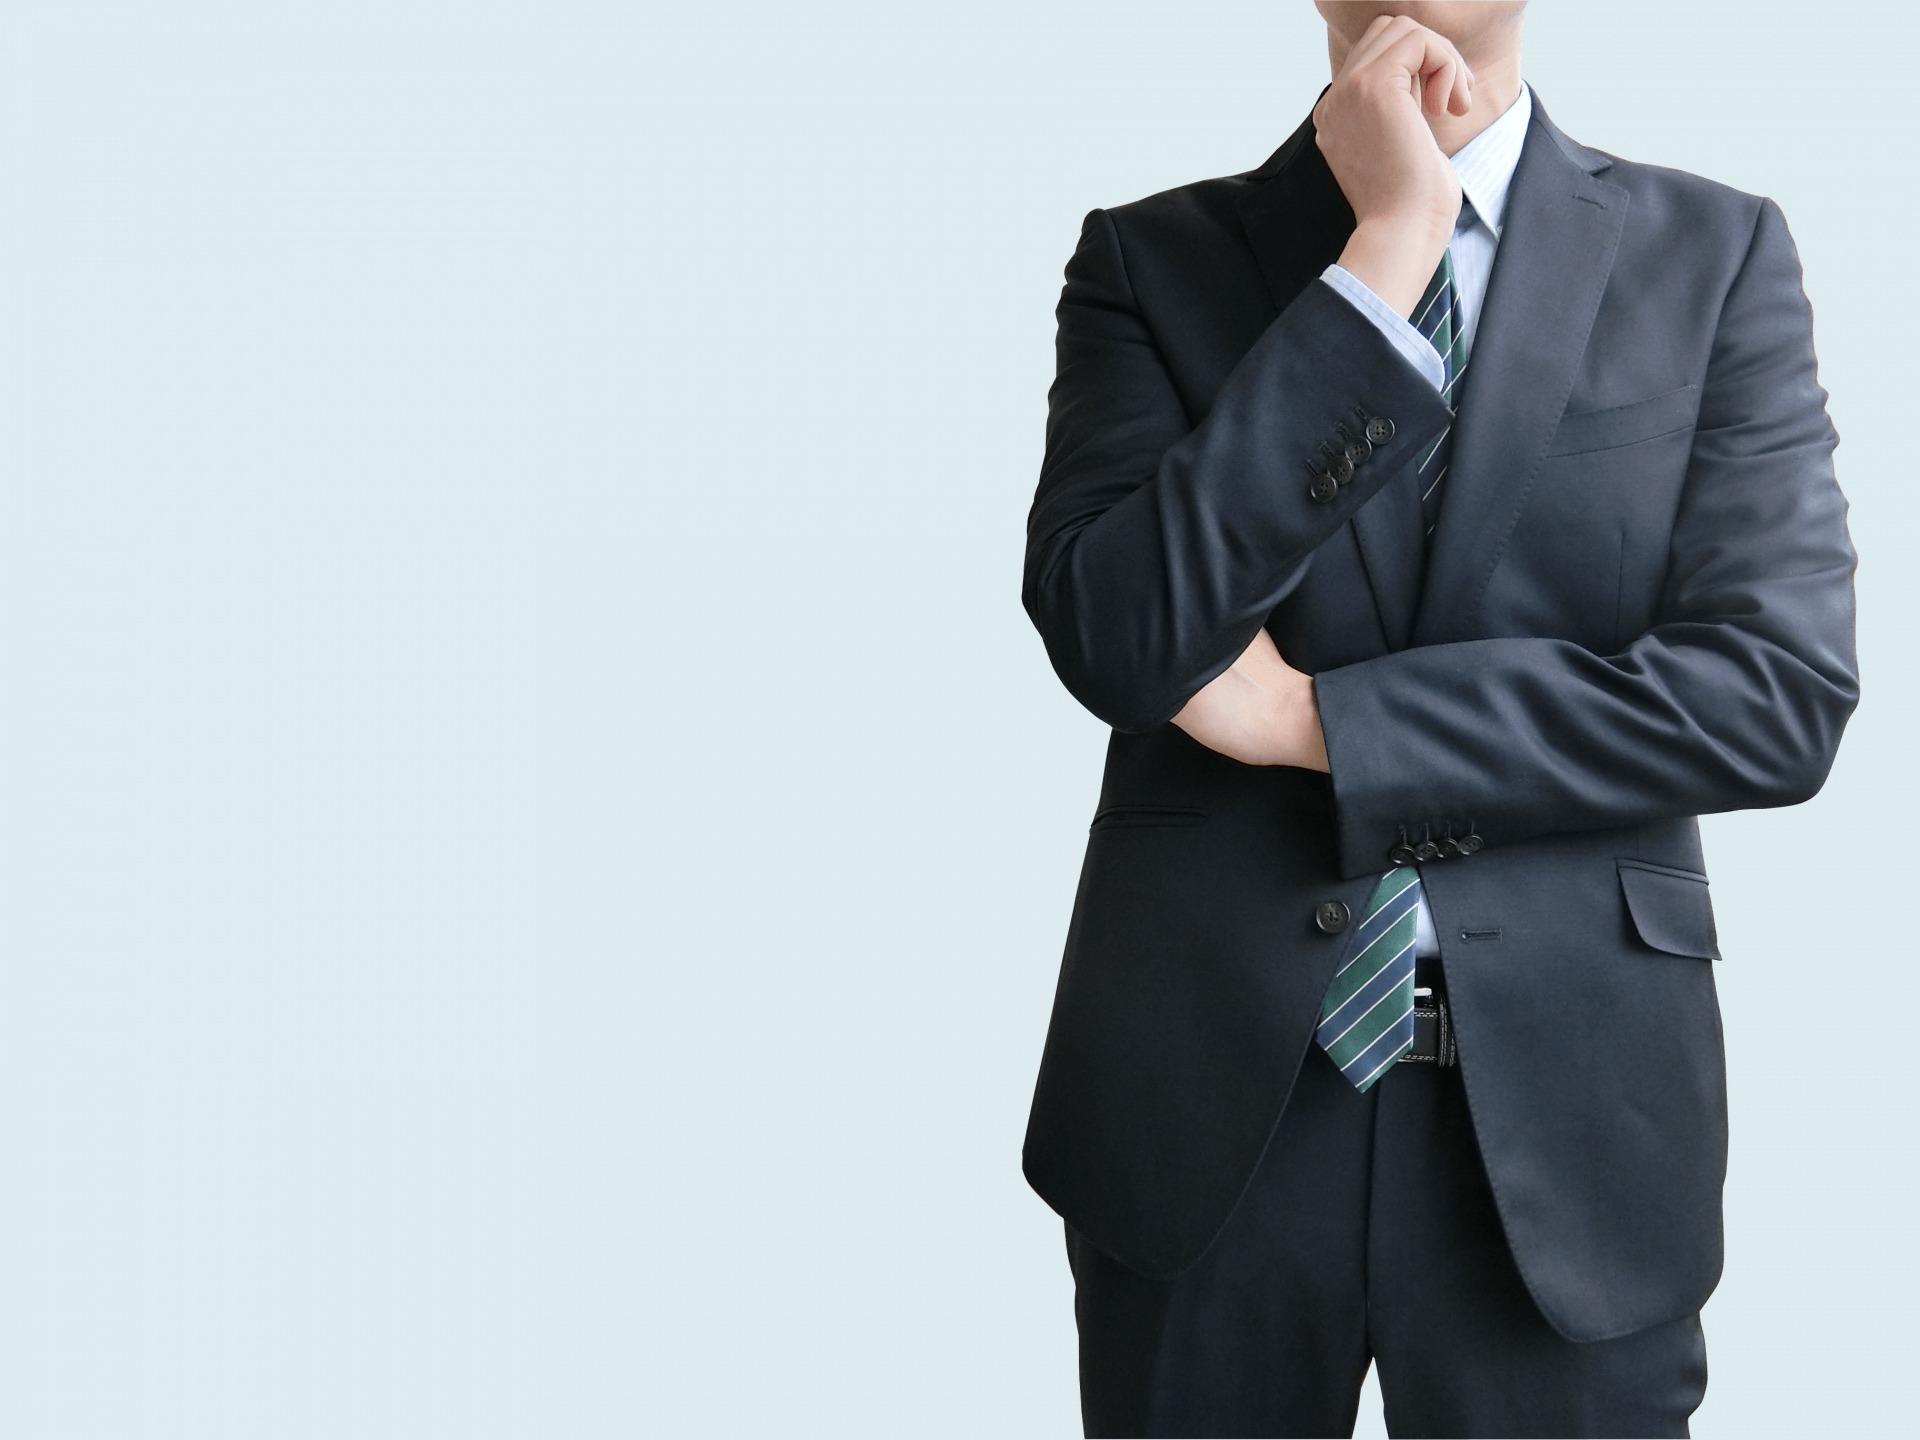 年功序列廃止のデメリットとは?成果主義へ移行した企業の事例も紹介